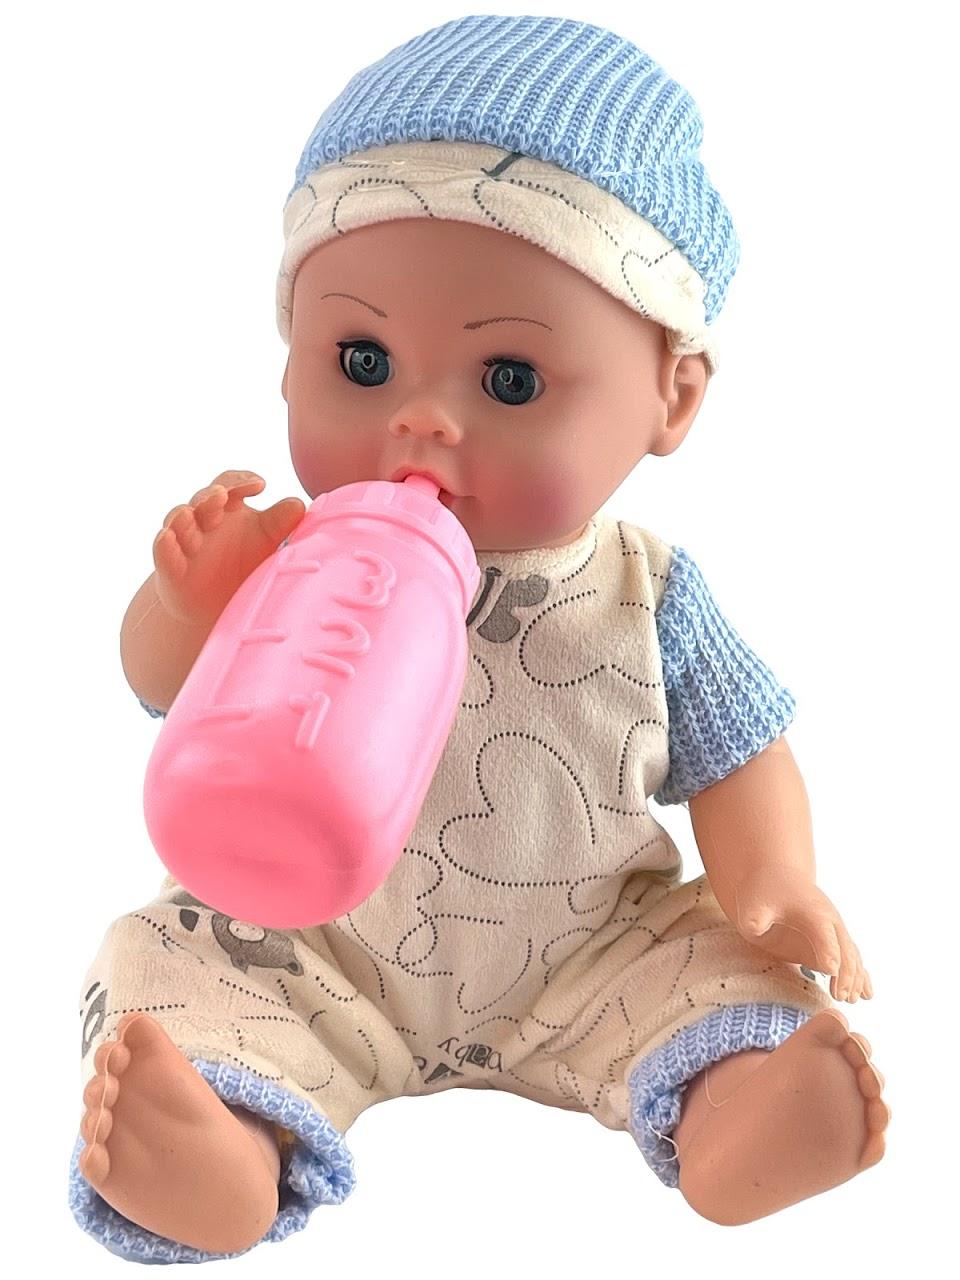 Купить Кукла интерактивная Anna De Wailly. Антон, с аксессуарами Город игр GN-7662/васильковый, Город Игр,